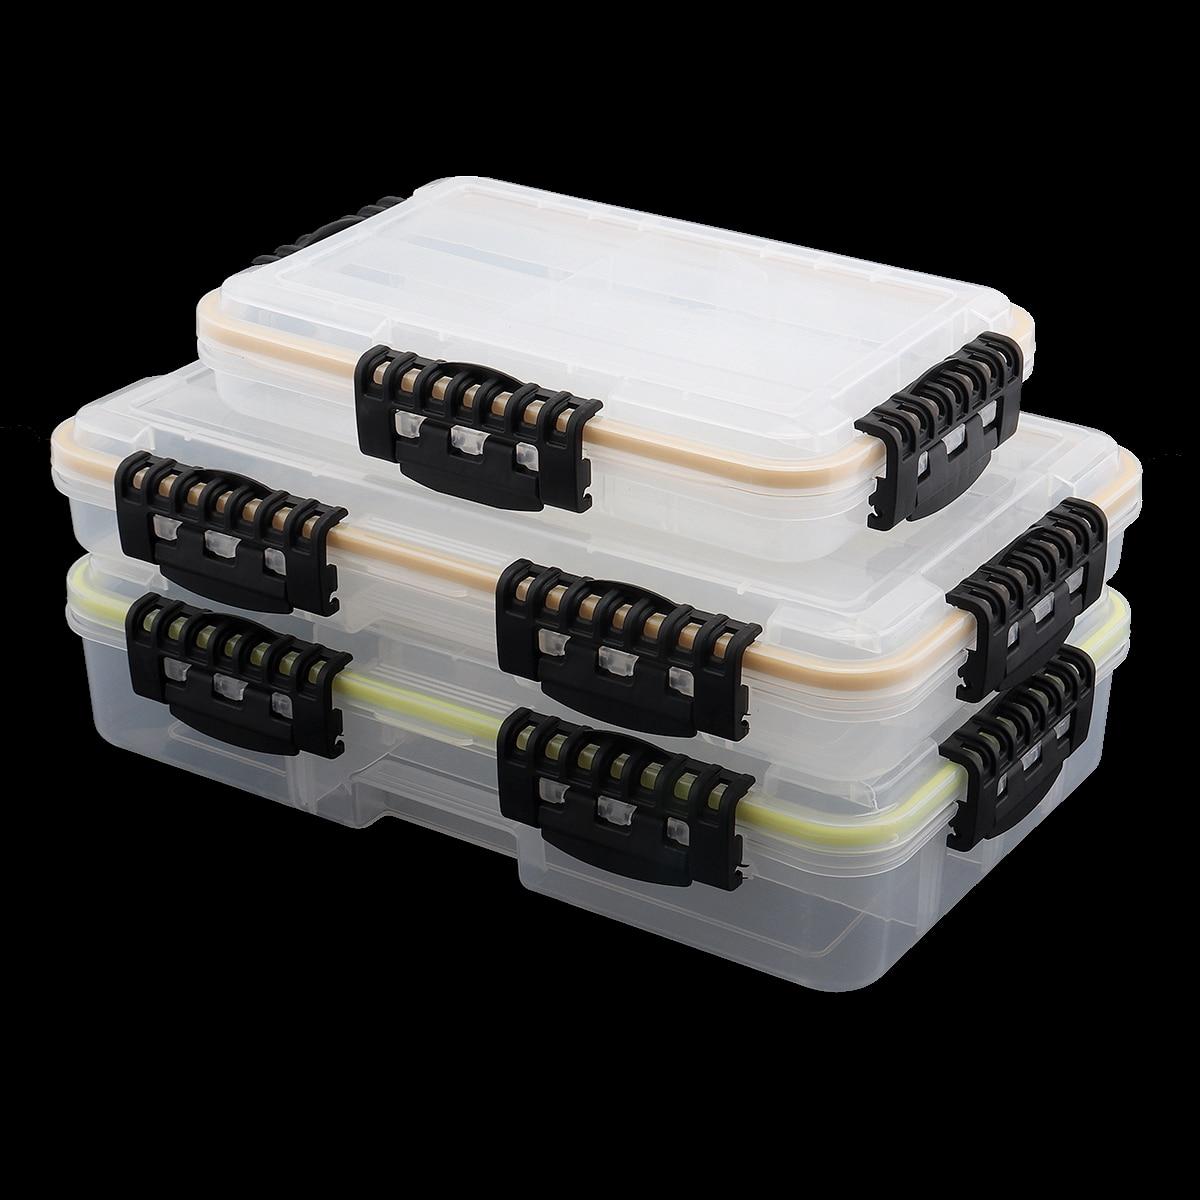 ABS سعة كبيرة مقاوم للماء صندوق معالجة الصيد خطاف الصيد إغراء وهمية الطعم اكسسوارات صندوق تخزين S متر L 3 حجم اختياري